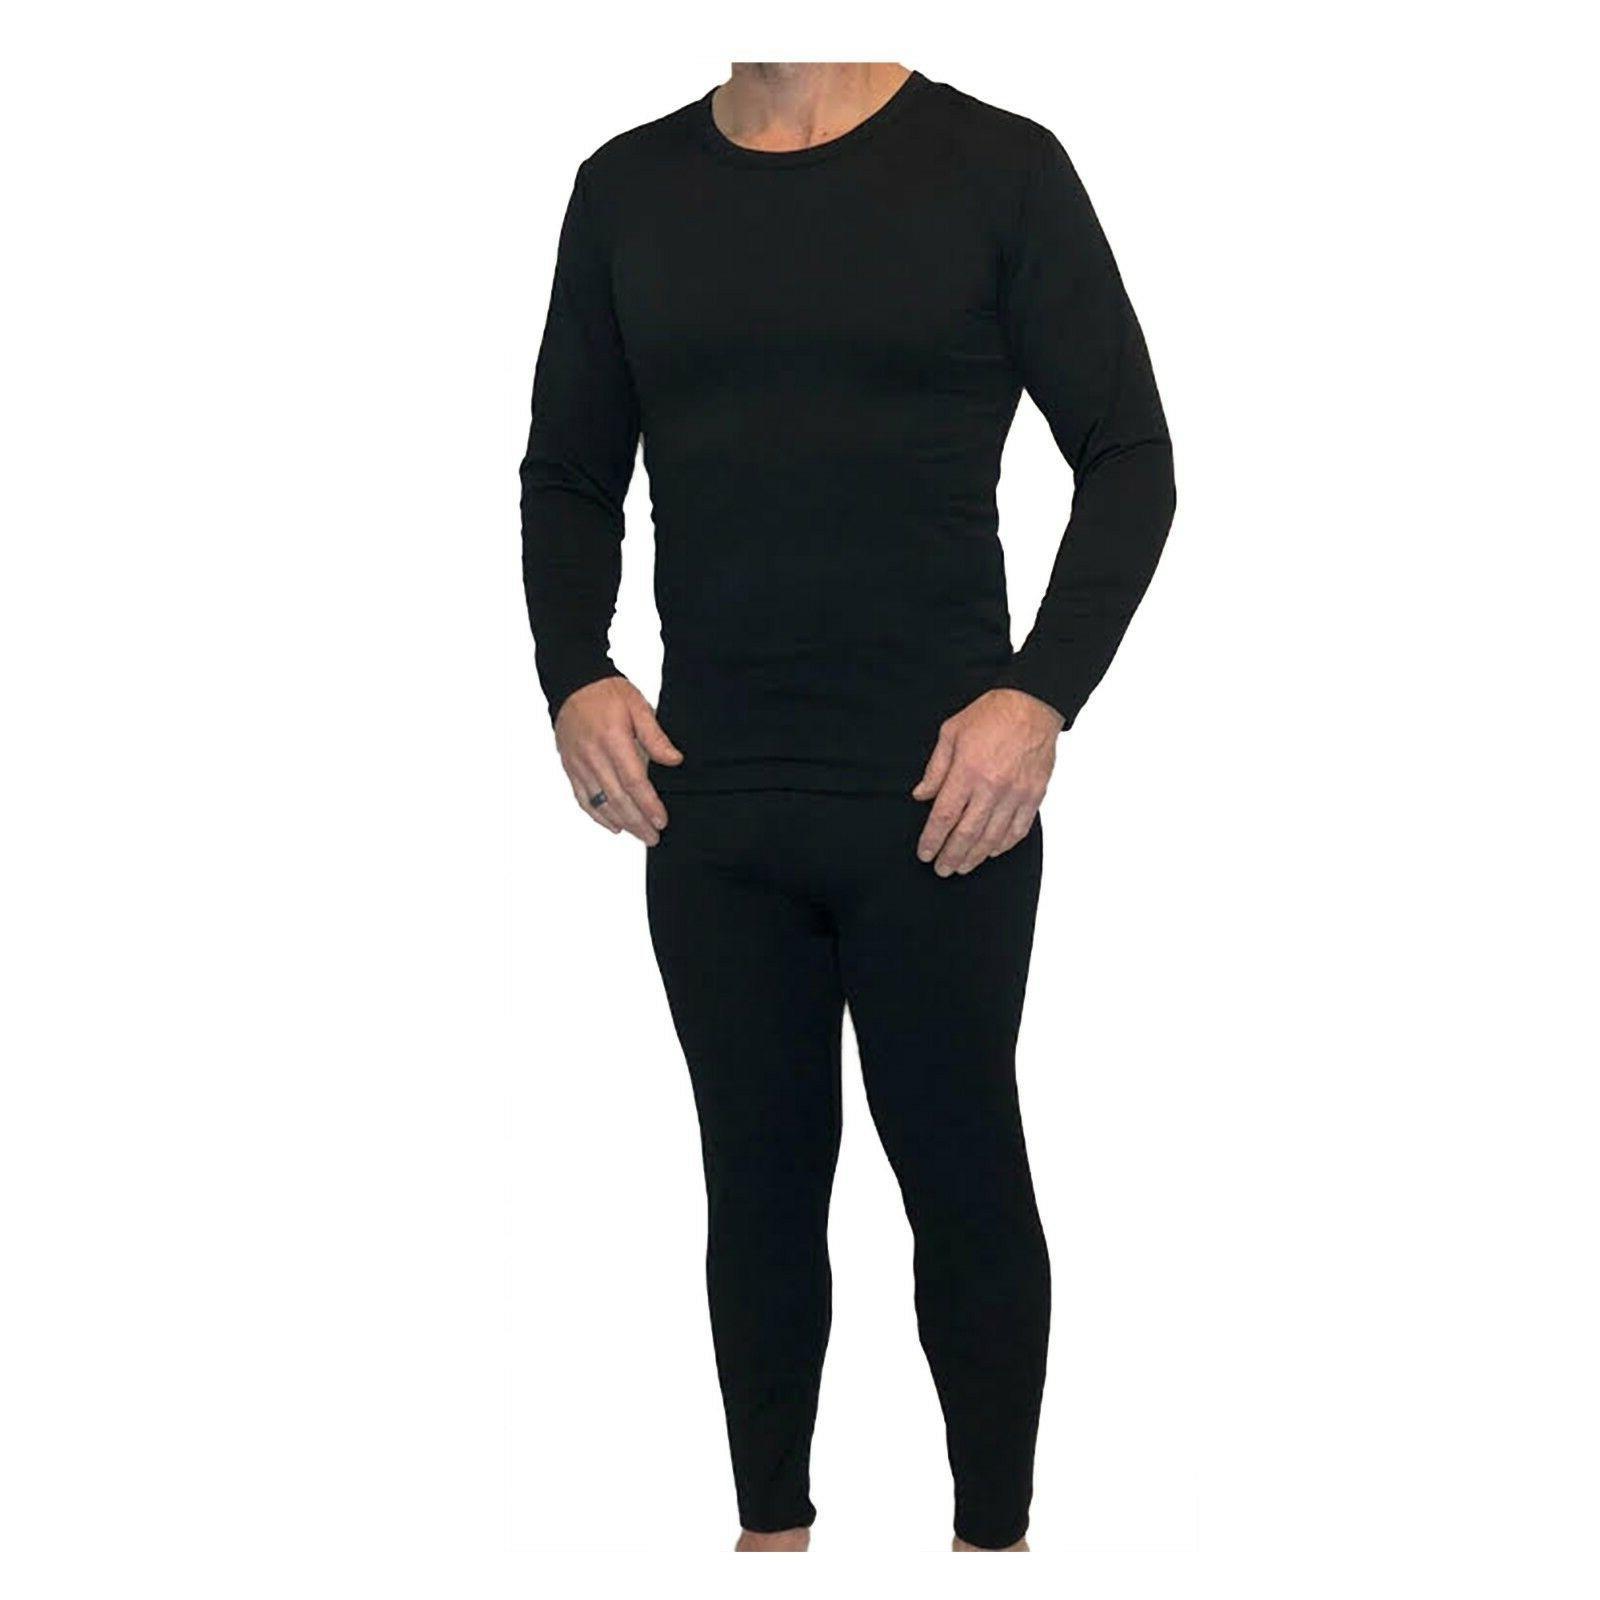 Z-TEX Ultra Microfiber Lined Underwear Set